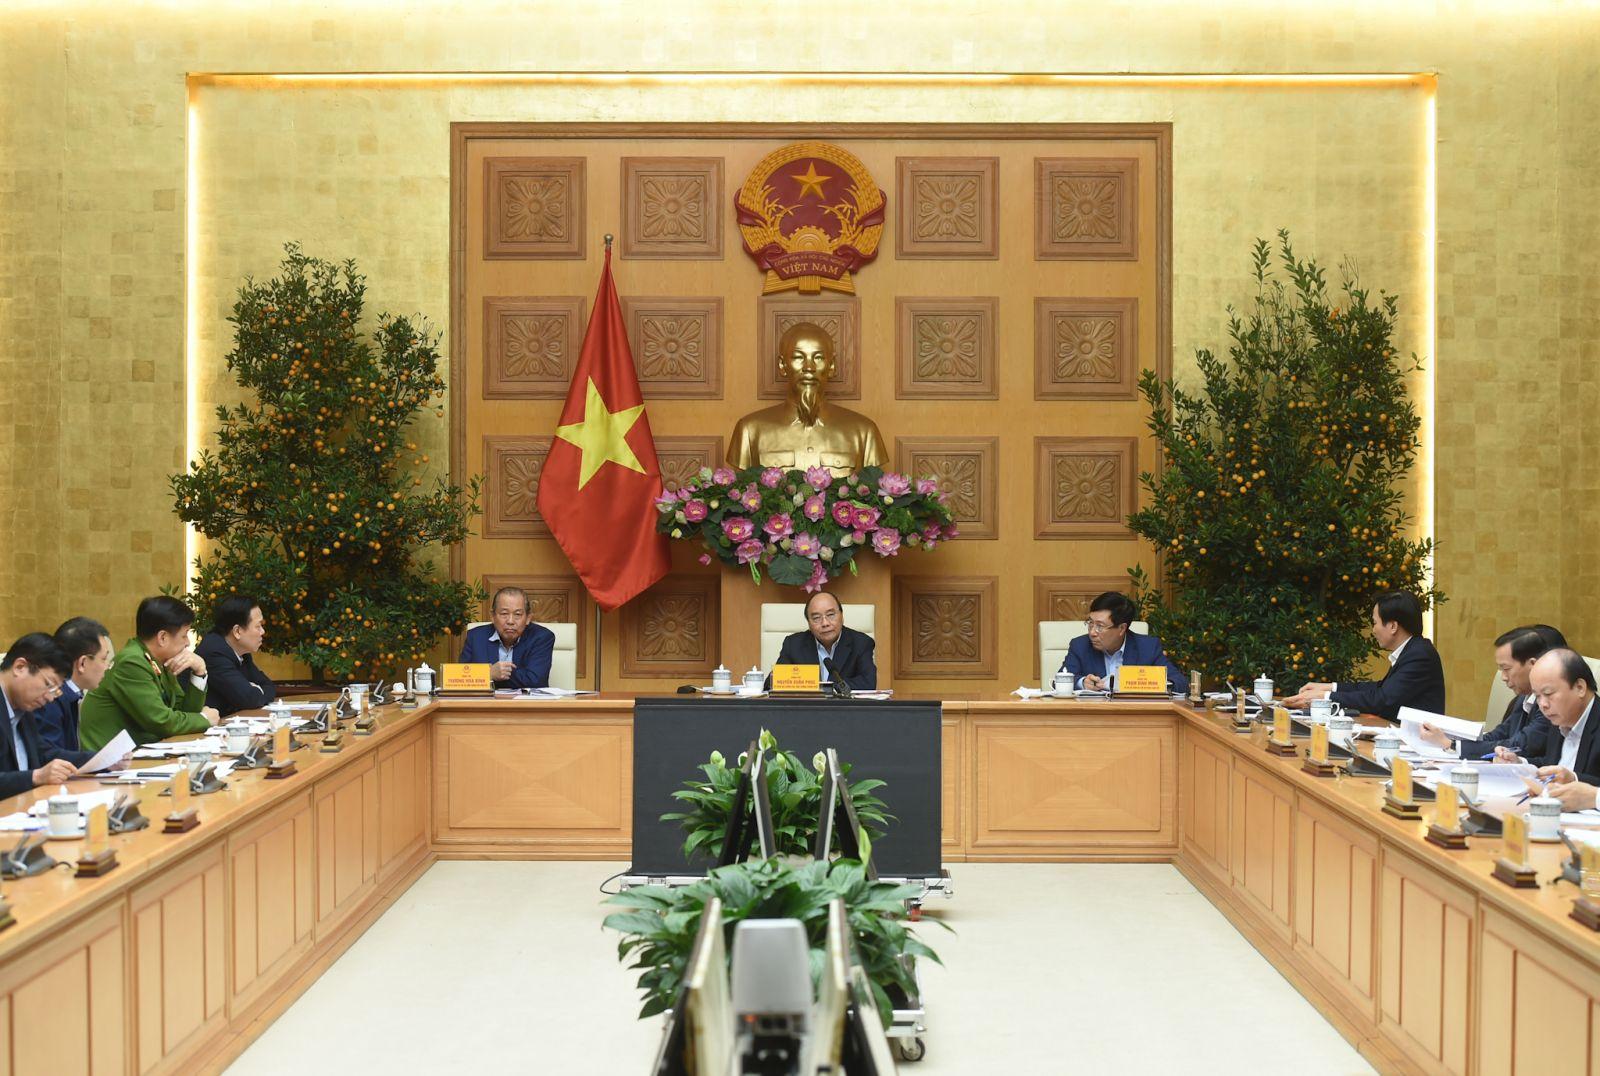 Toàn cảnh cuộc họp Thường trực Chính phủ về các dự án chậm tiến độ, kém hiệu quả của ngành công thương. Ảnh: VGP/Quang Hiếu